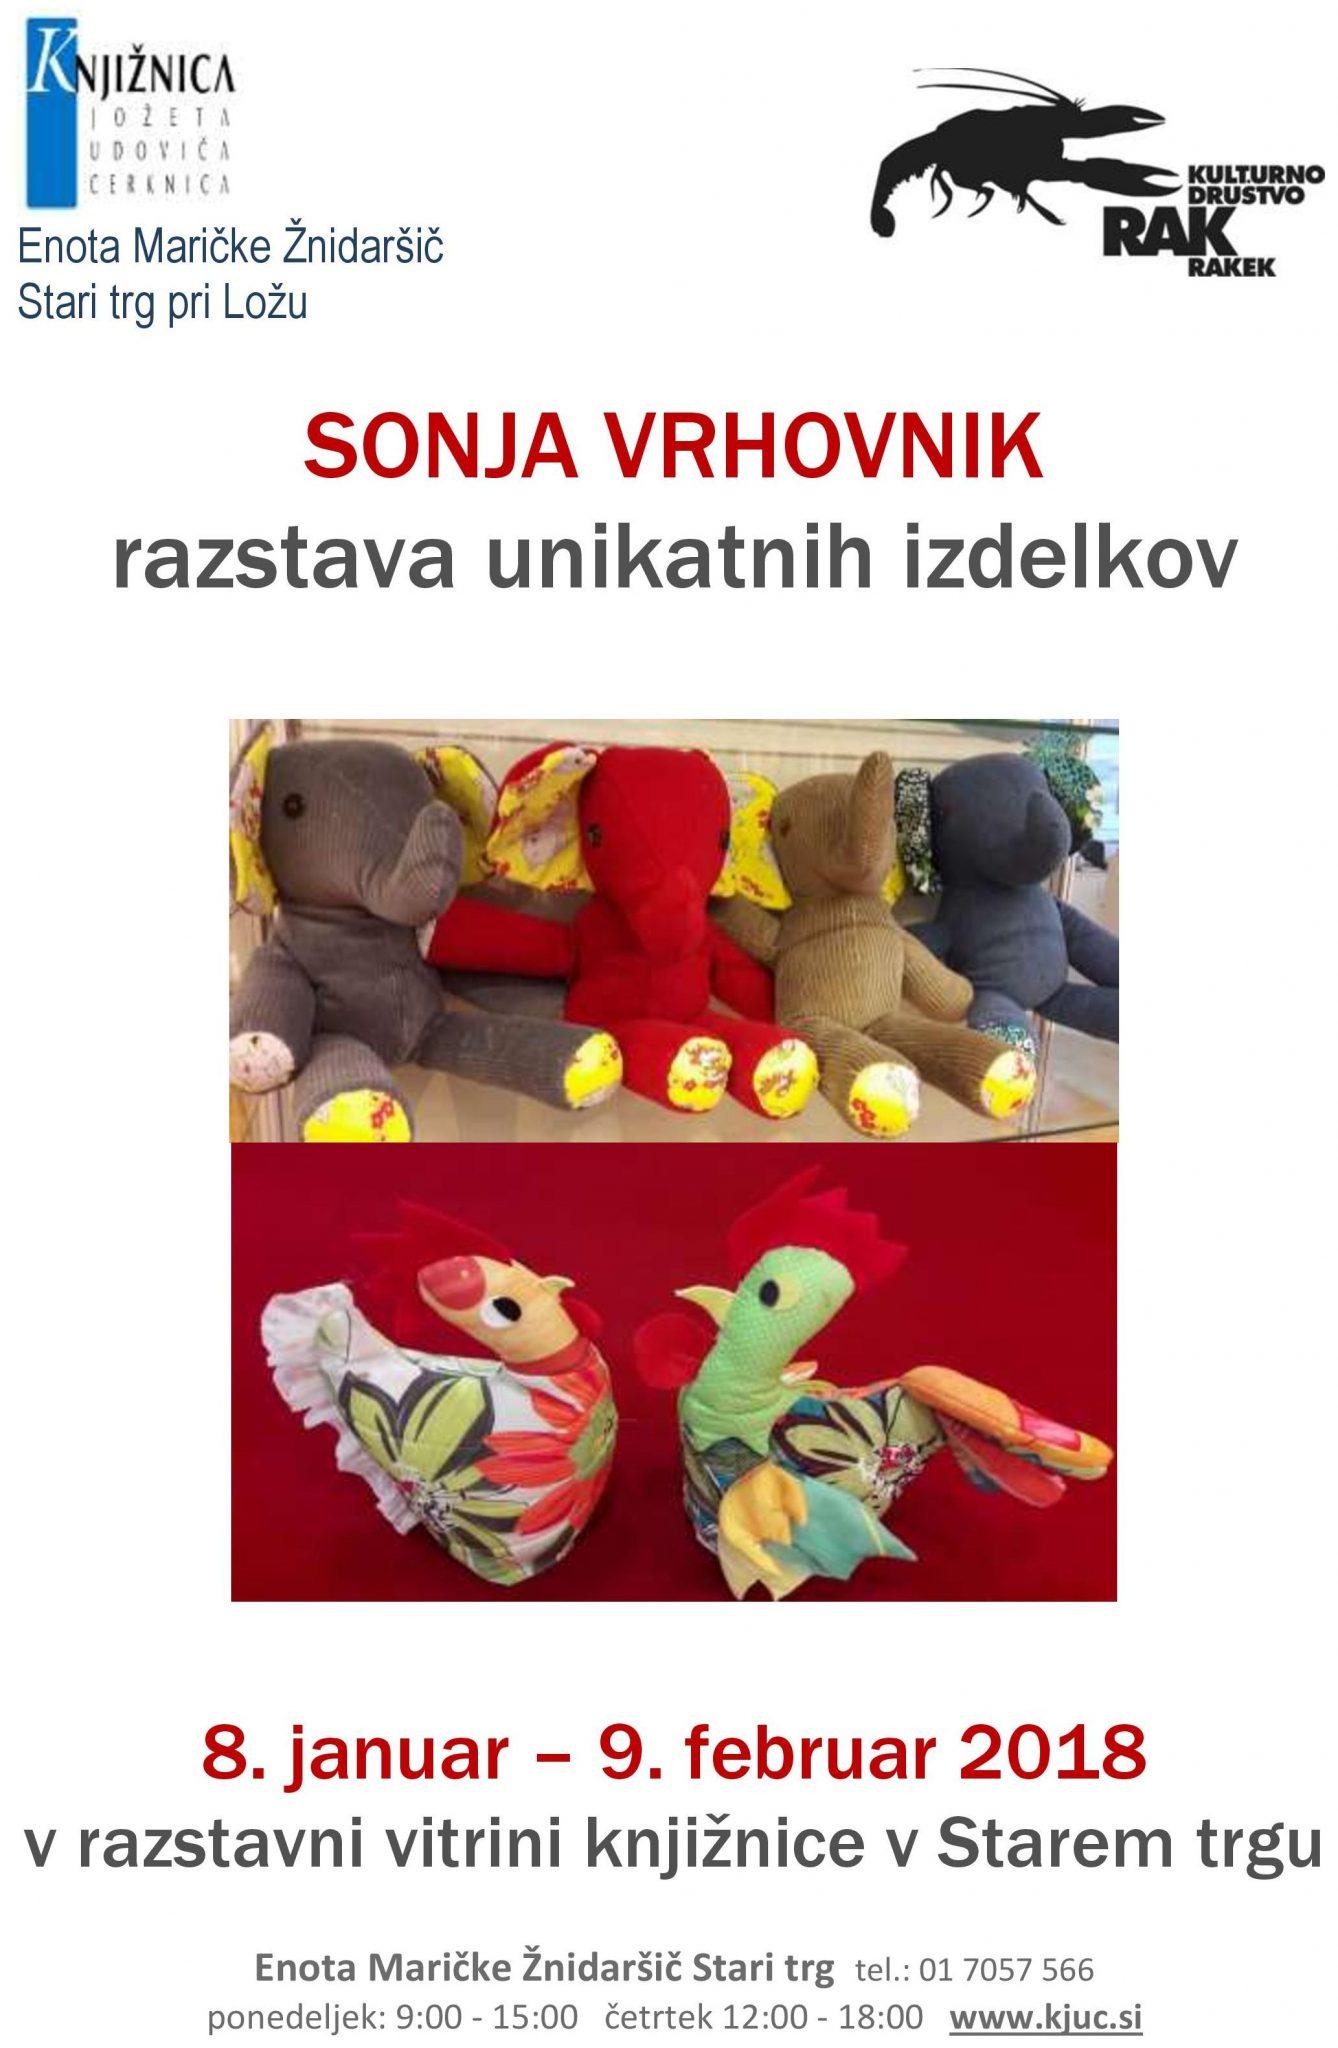 cover 6 - Sonja Vrhovnik - razstava unikatnih izdelkov